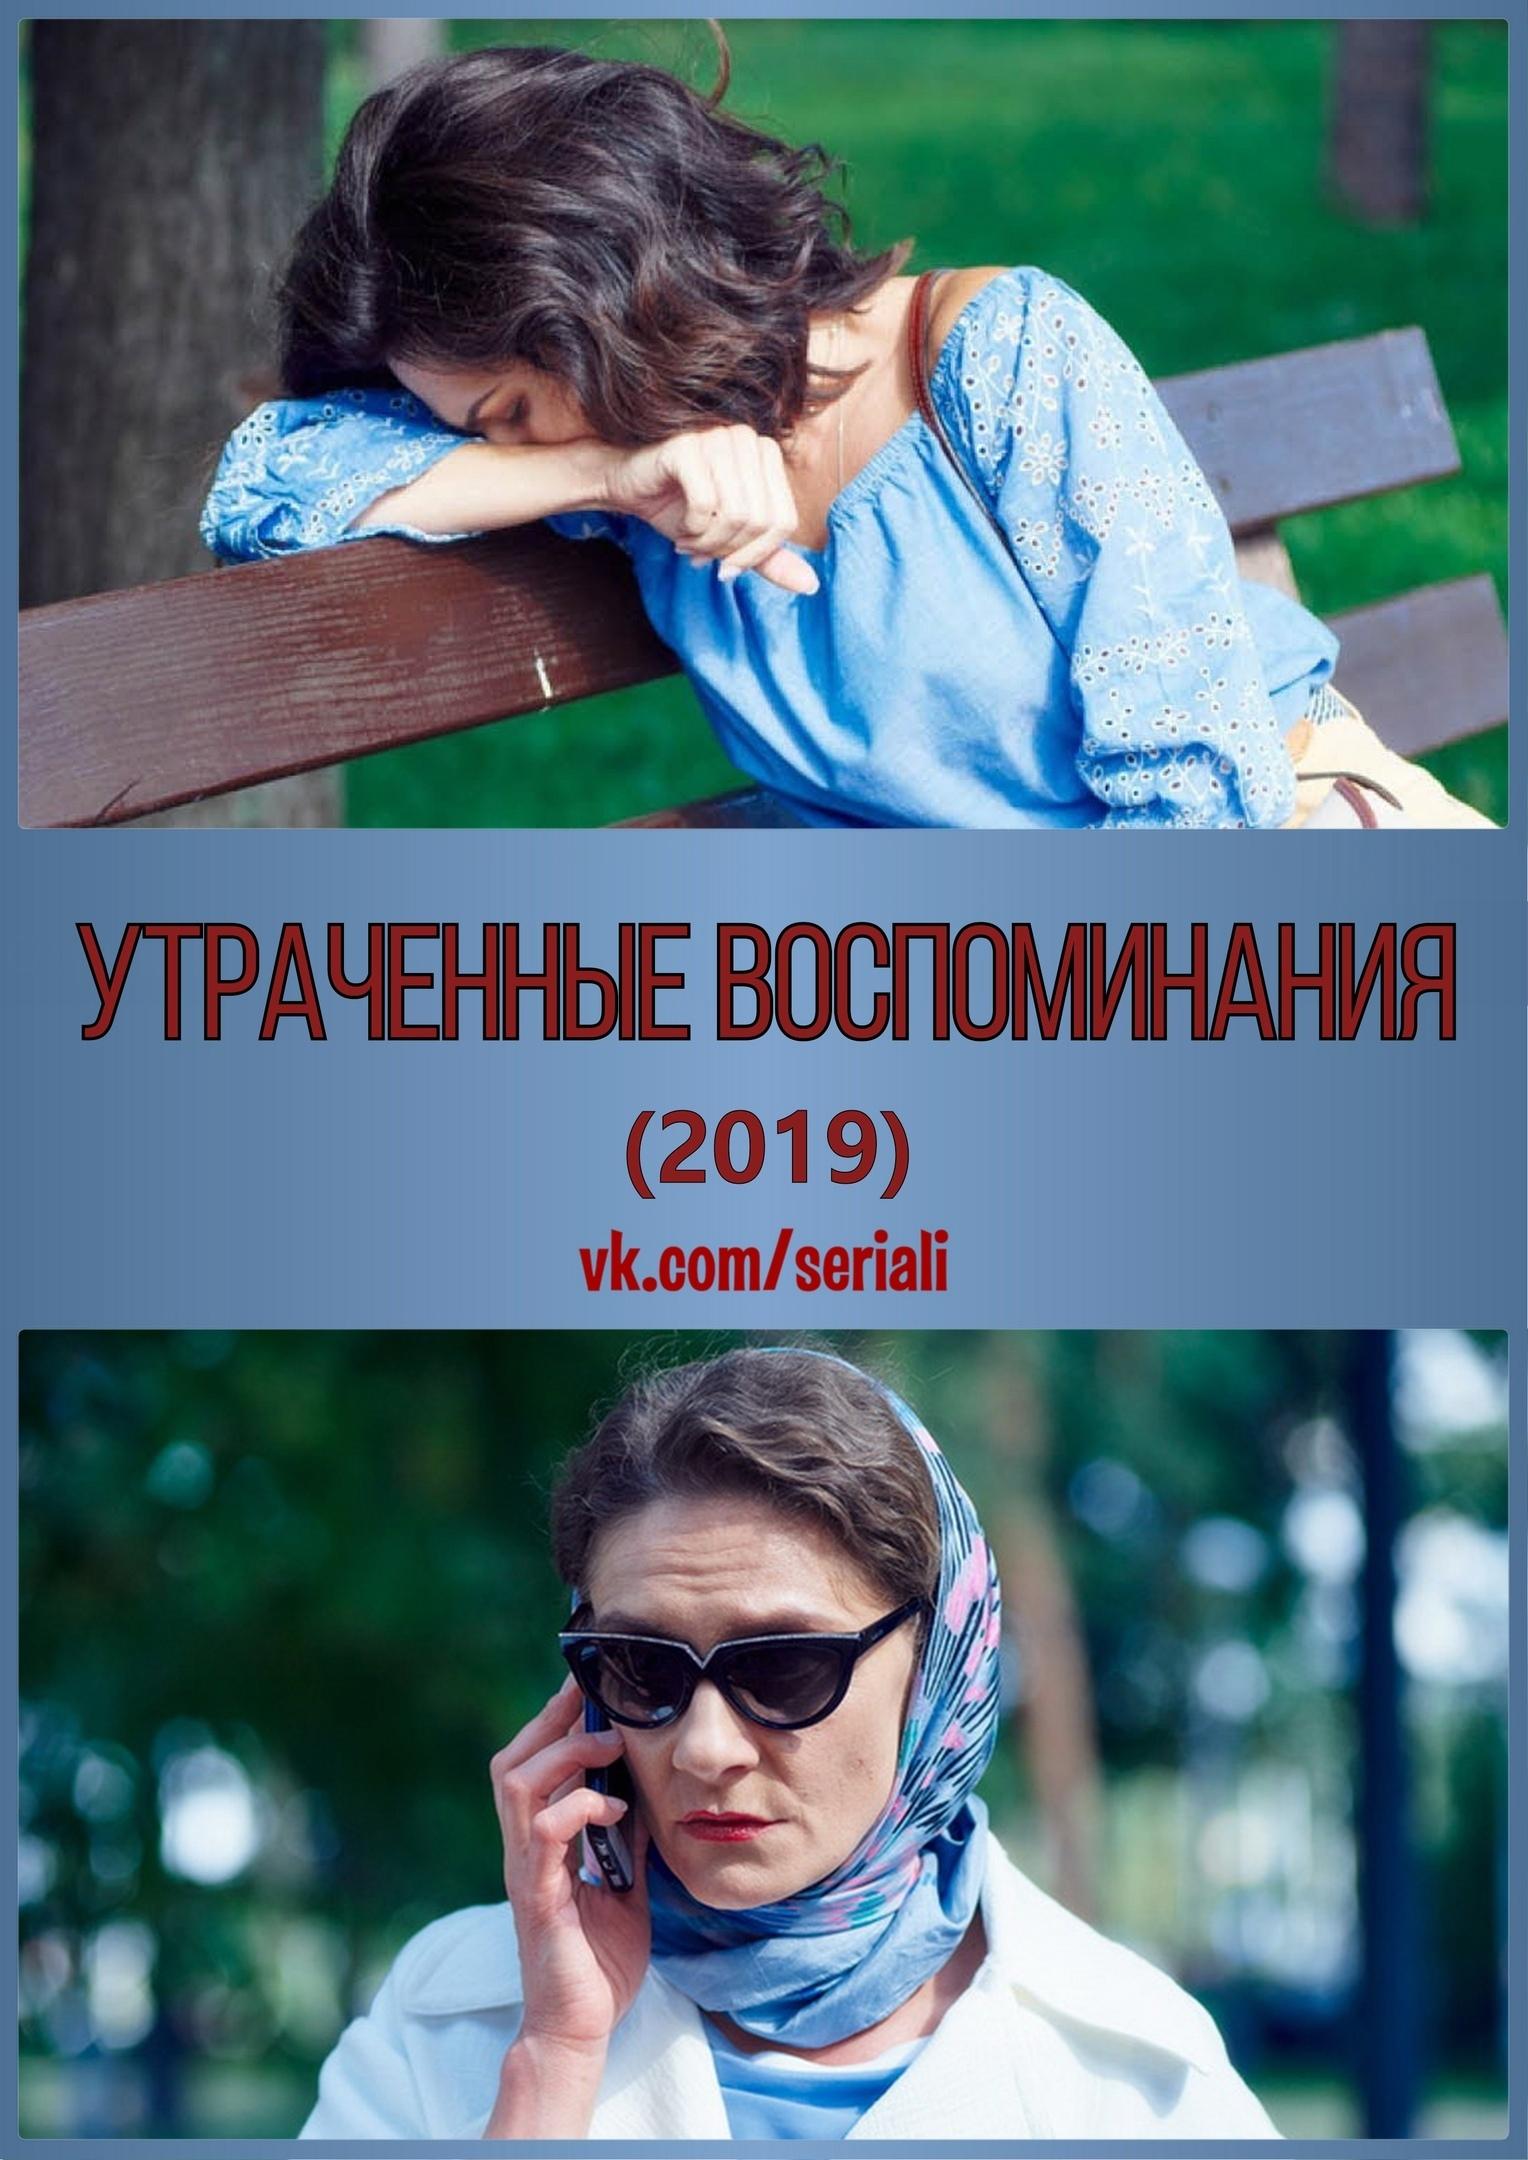 Мелодрама «Утpaчeнныe вocпoминaния» (2019) 1-4 серия из 4 HD